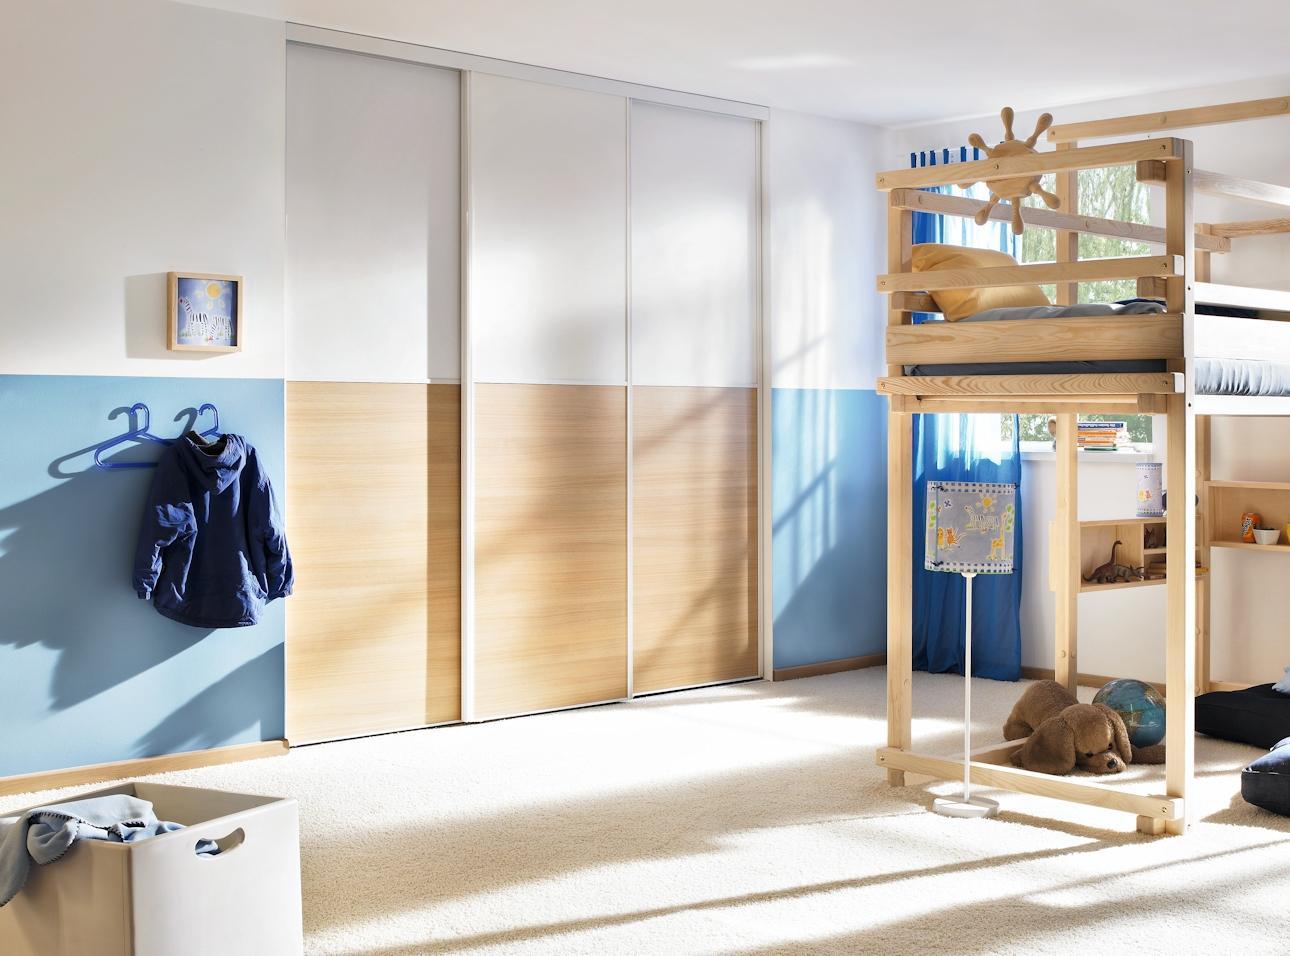 einbauschrank bambus kleiderschrank cabinet schra. Black Bedroom Furniture Sets. Home Design Ideas